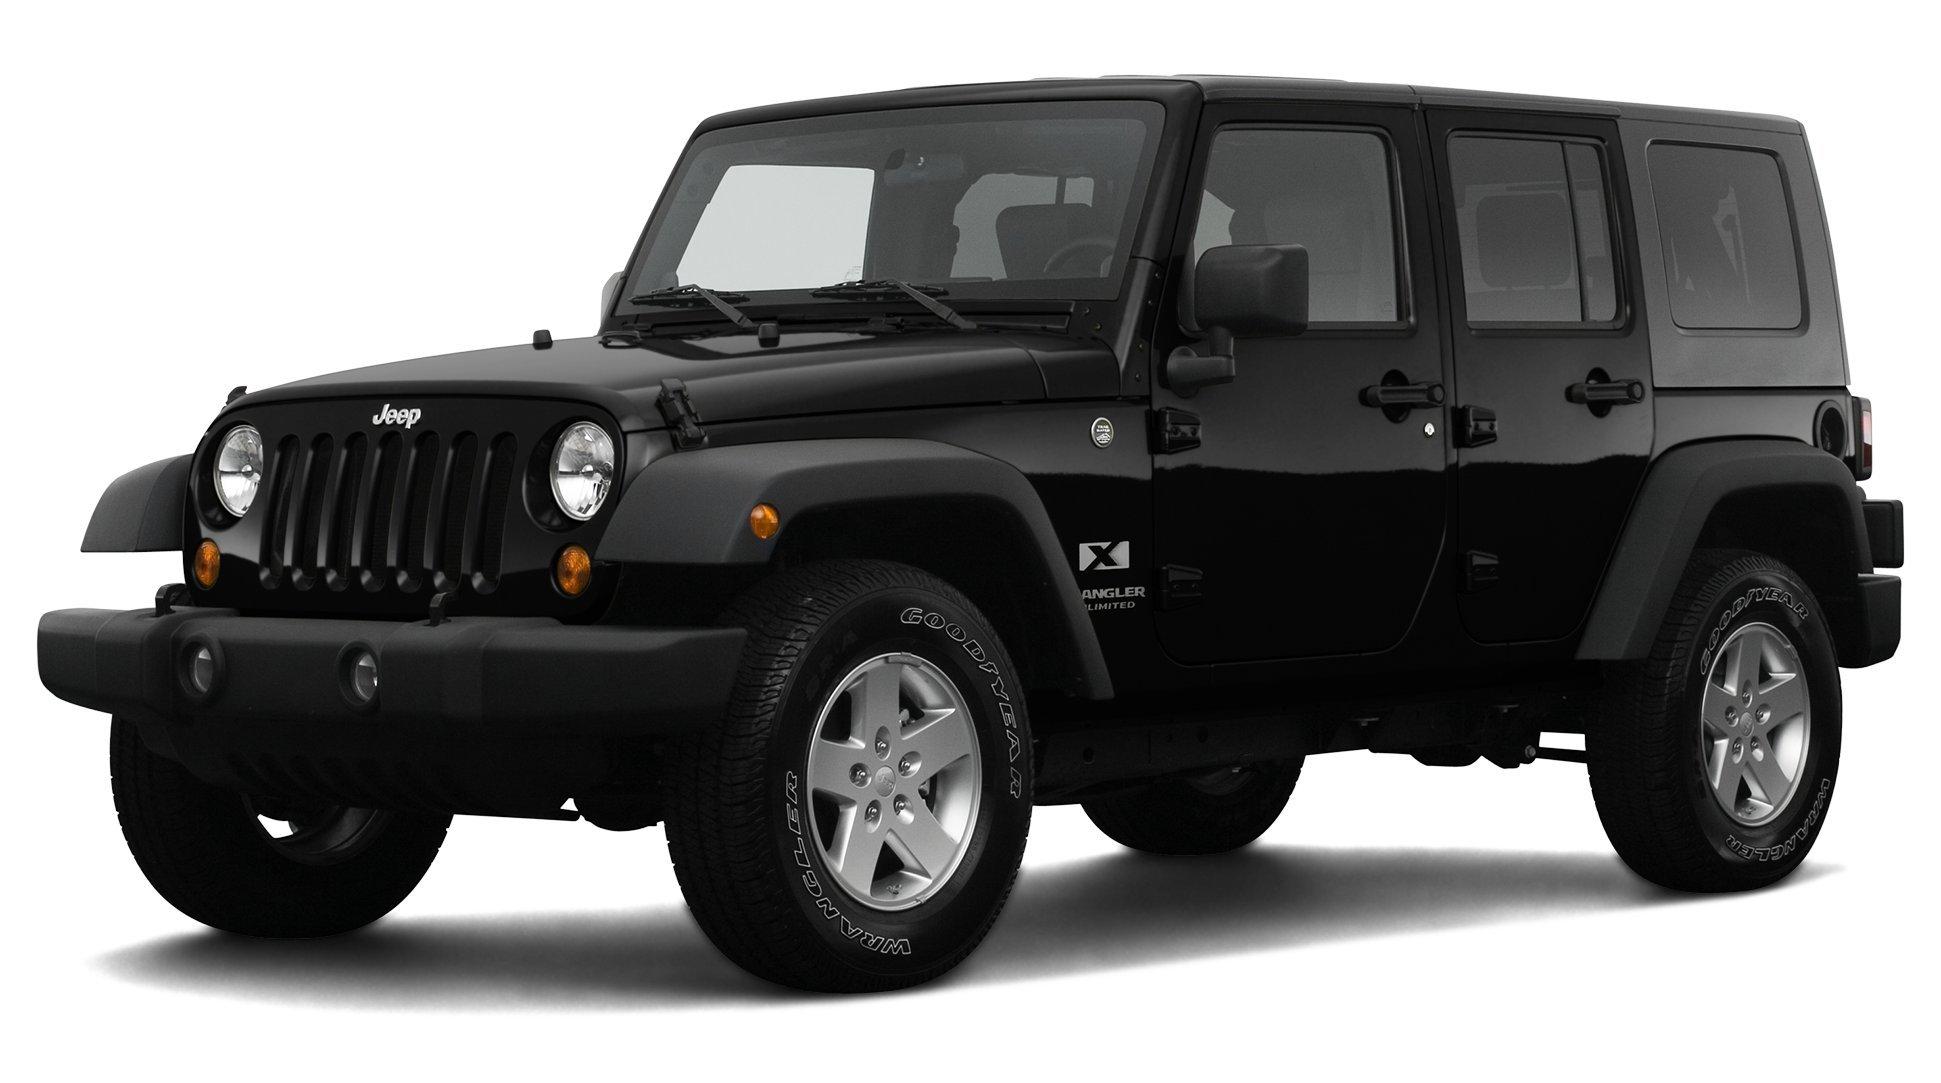 ... 2008 Jeep Wrangler Unlimited X, 4 Wheel Drive 4 Door ...